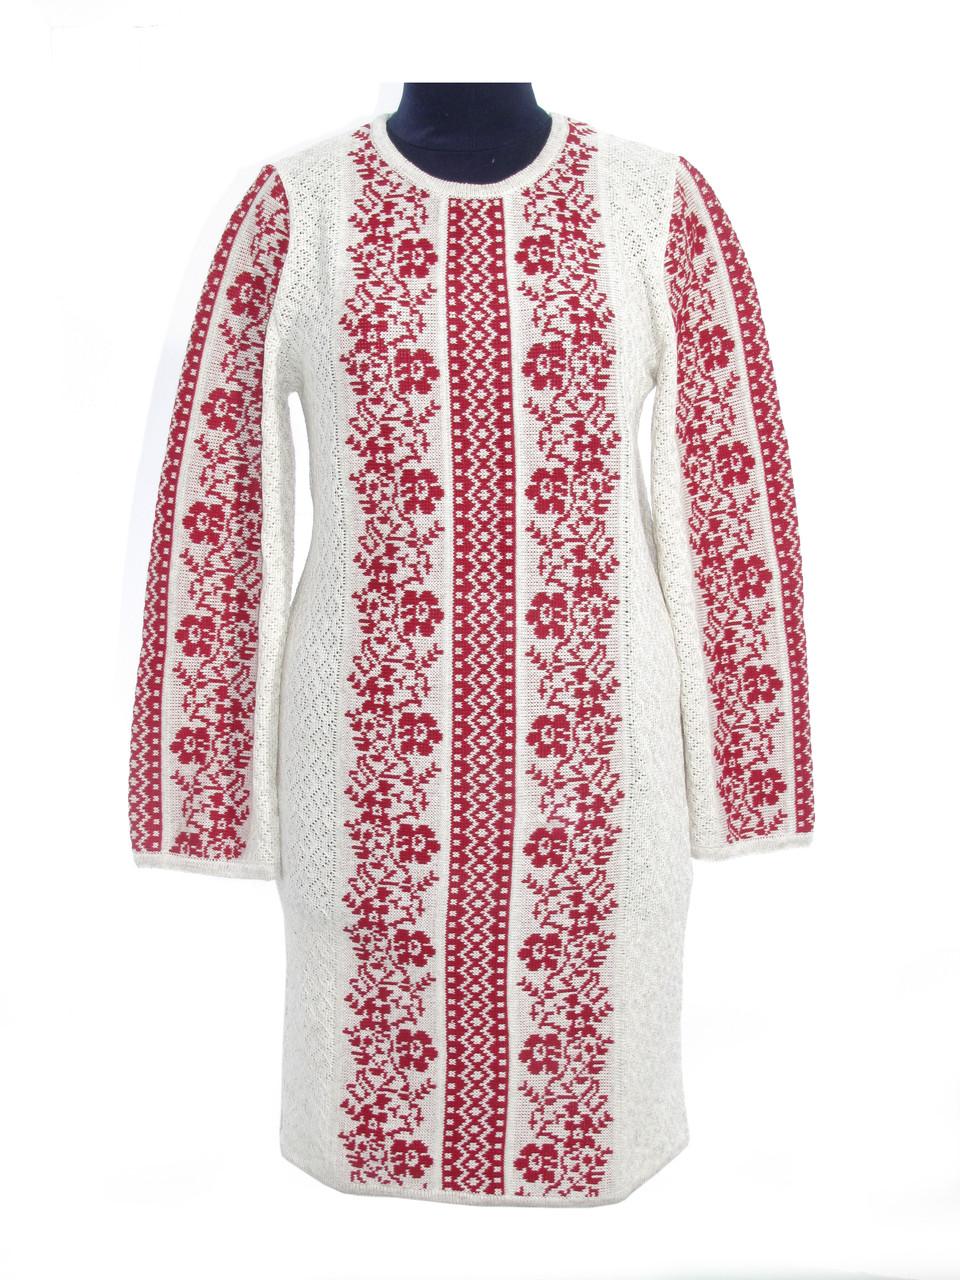 Вязаное платье Роксолана красная